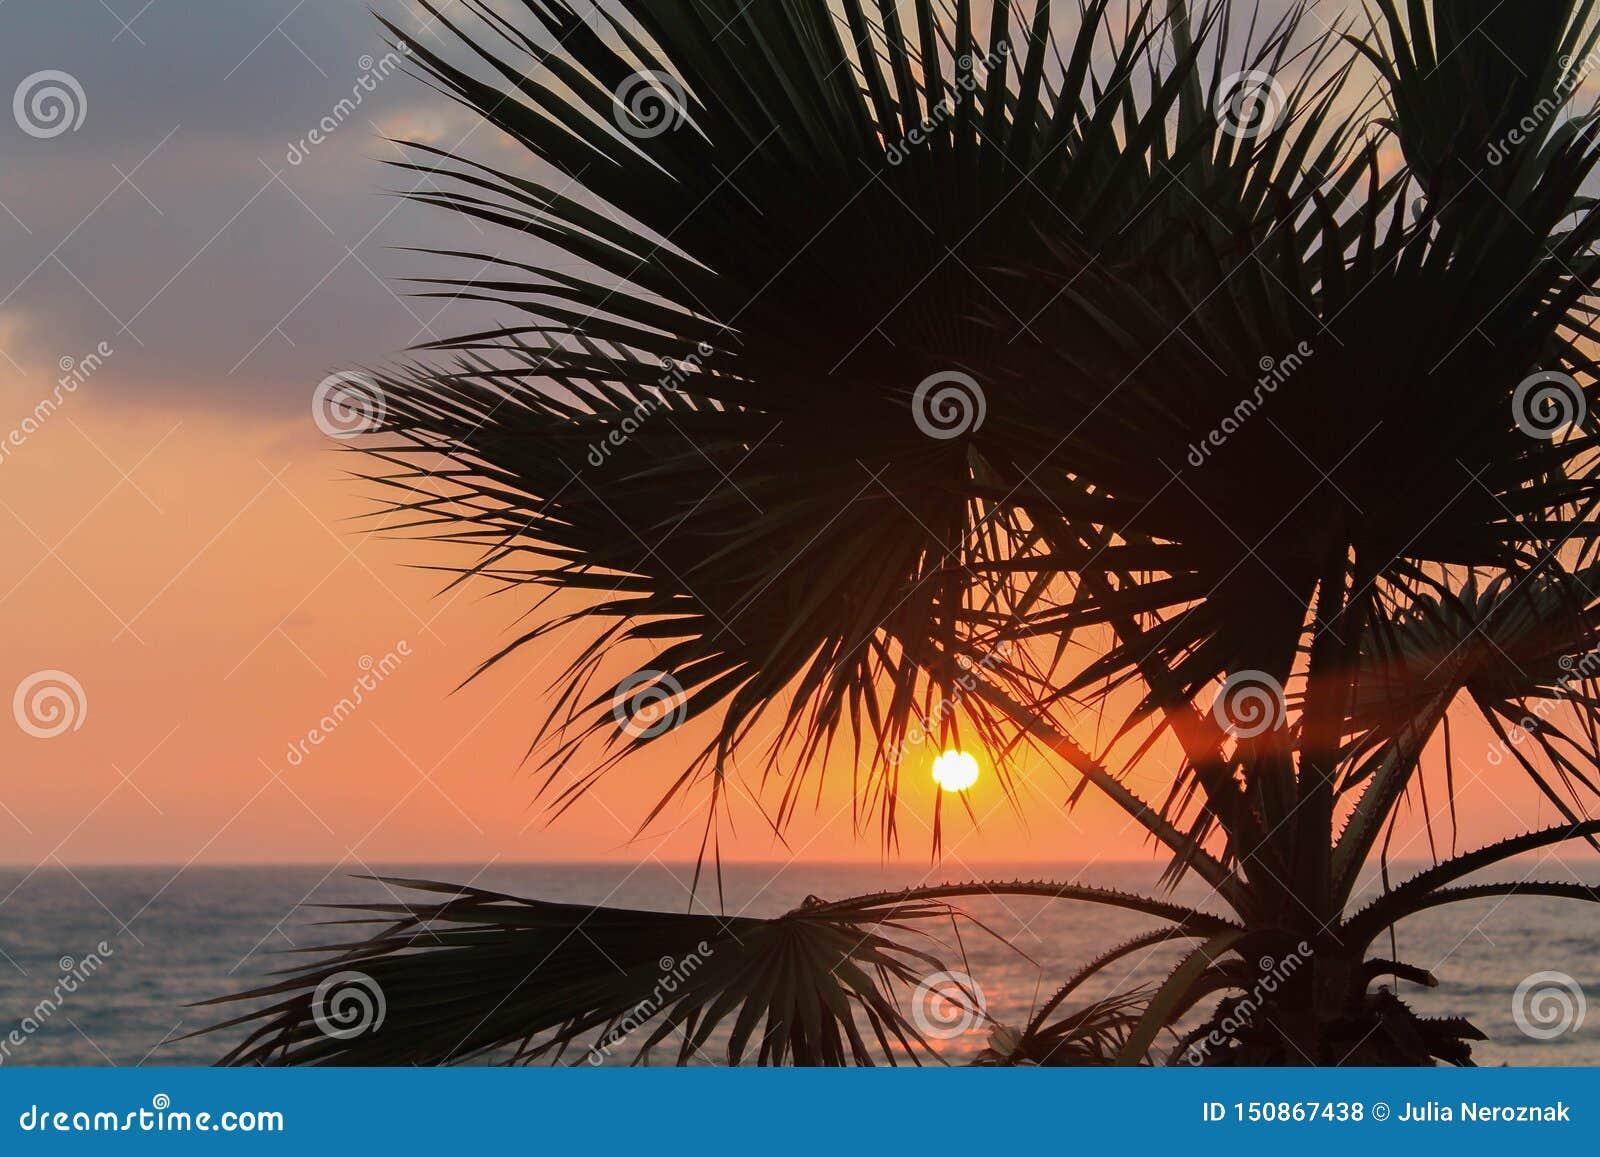 Sonnenuntergang auf dem Strand mit Palme